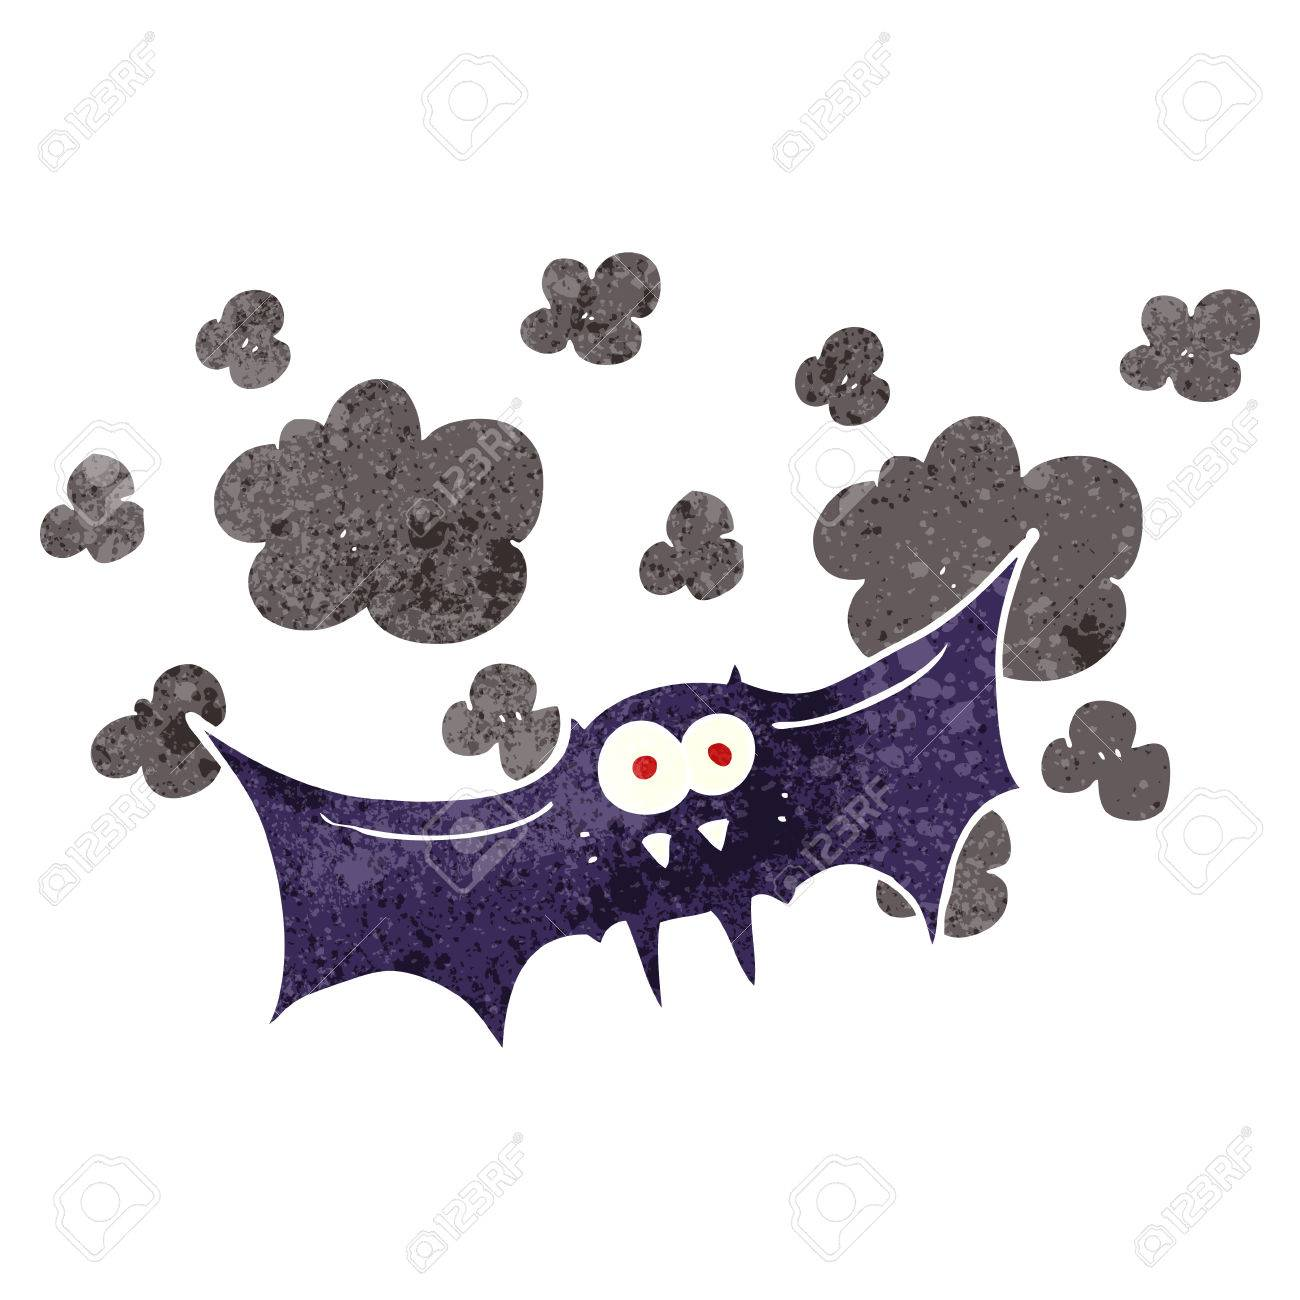 Vettoriale a mano libera retrò pipistrello vampiro cartone